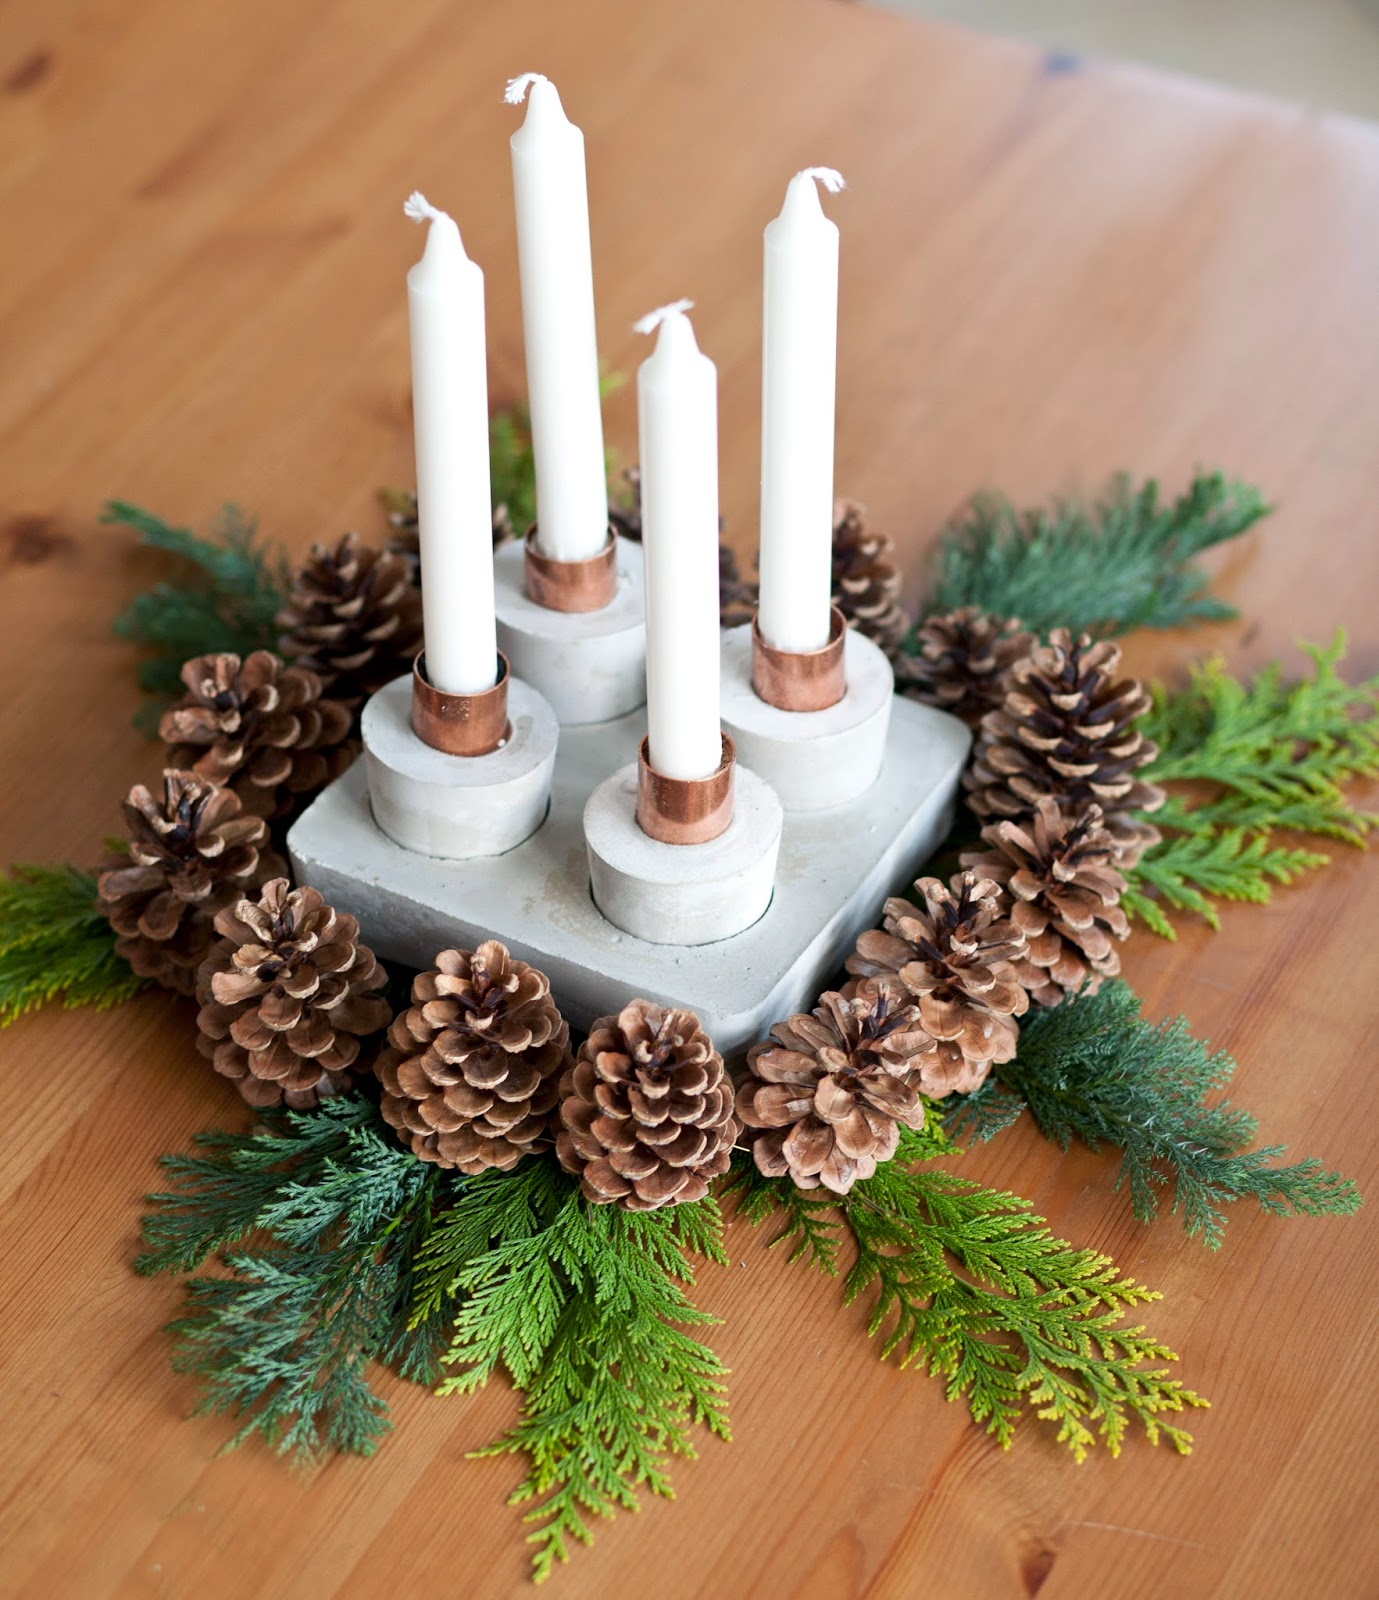 Inspirierend Holz Deko Weihnachten Vorlagen Design